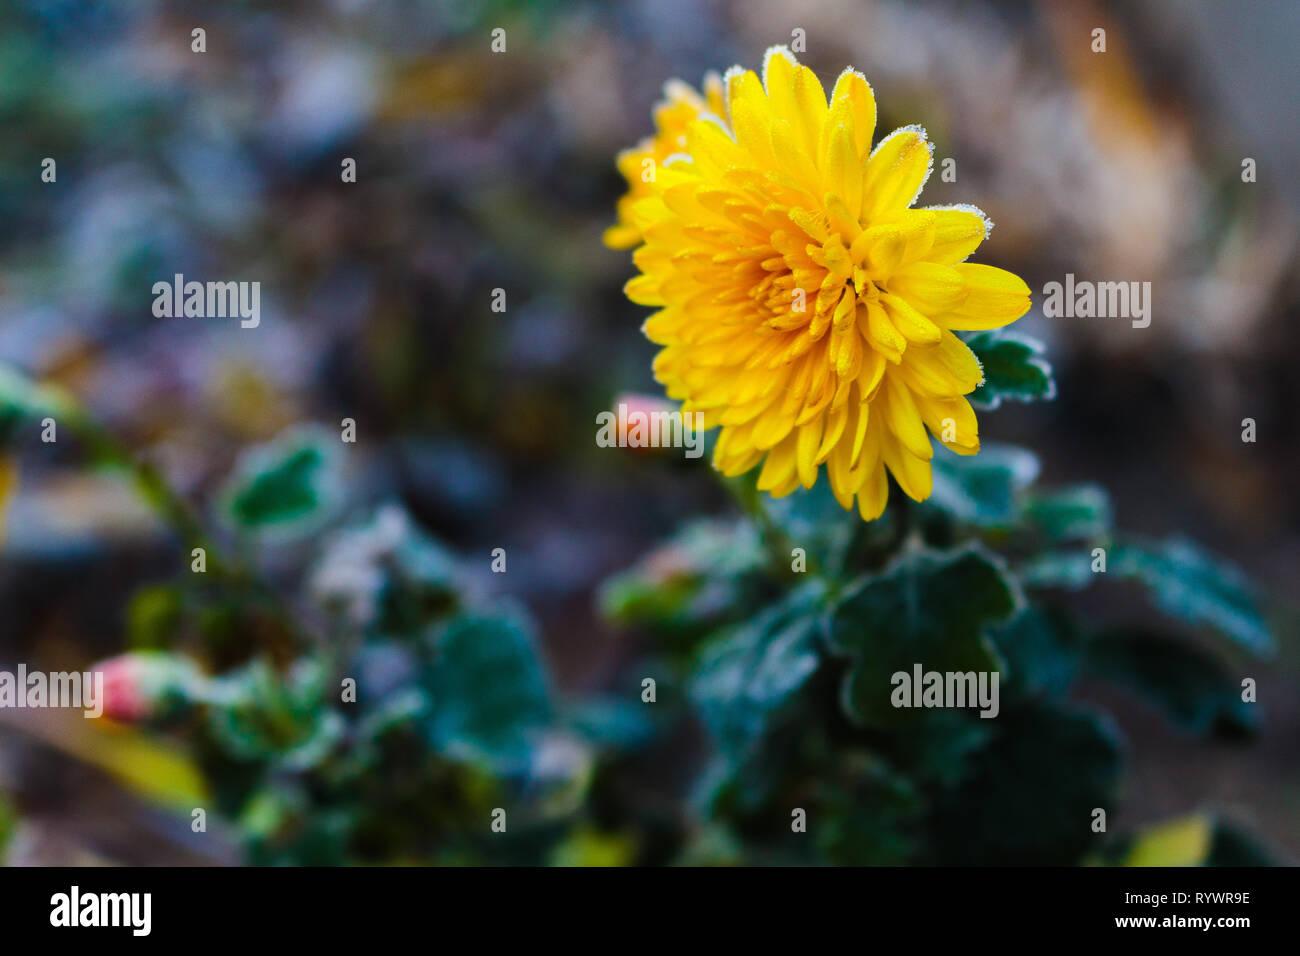 Frozen chrysanthemum yellow flower. Flower of chrysanthemum with frozen buds on green background. Chrysanthemum inflorenscence in Krivoy Rog, Ukraine Stock Photo